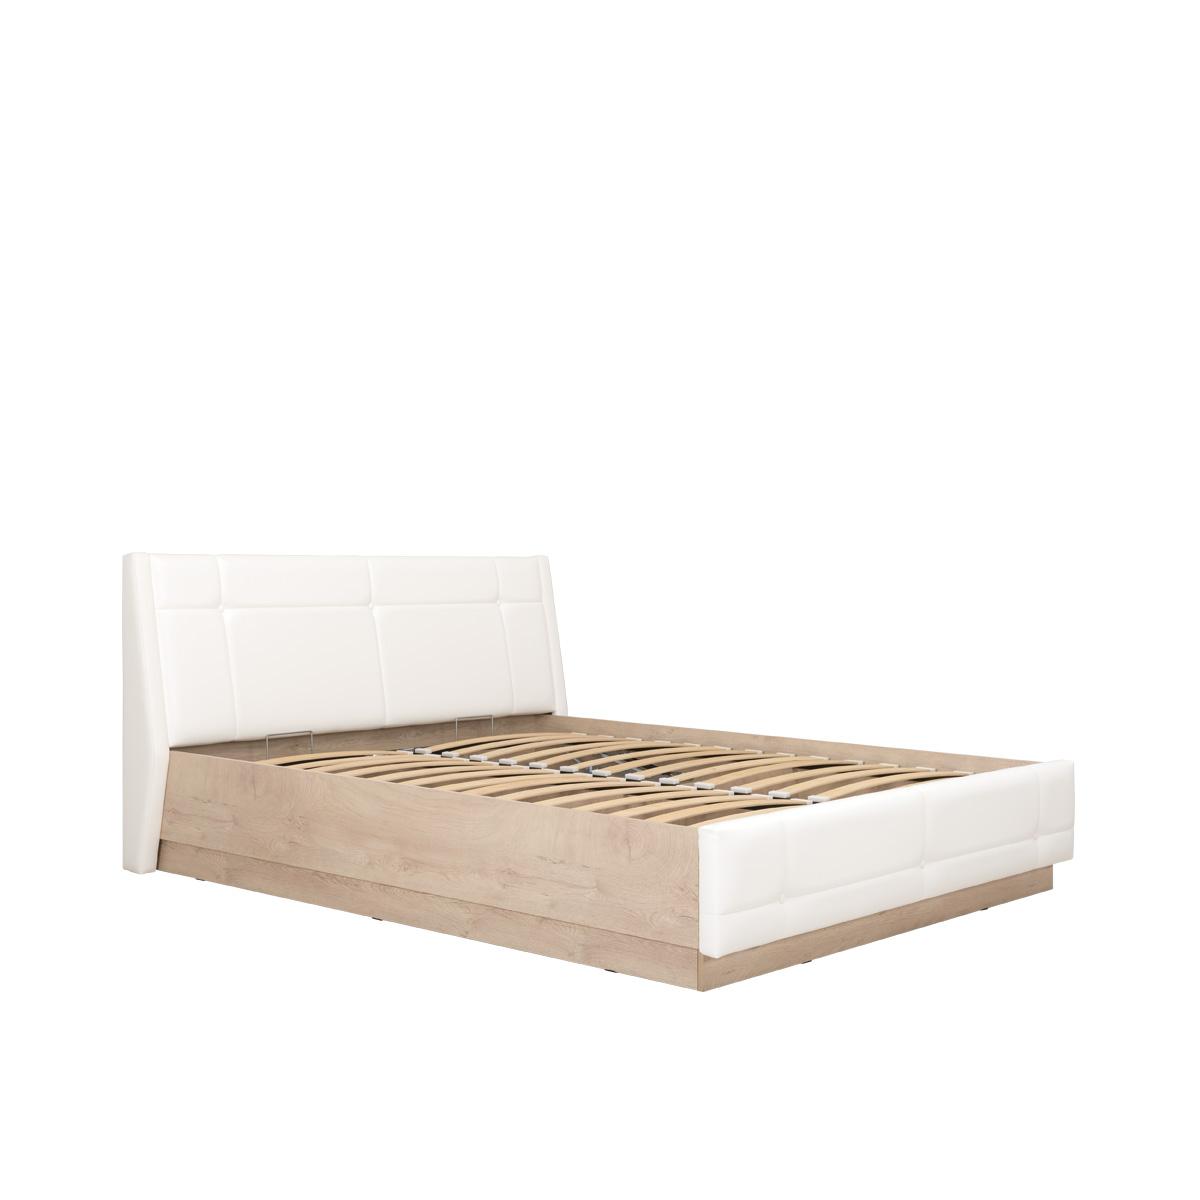 Муссон Кровать 11.28